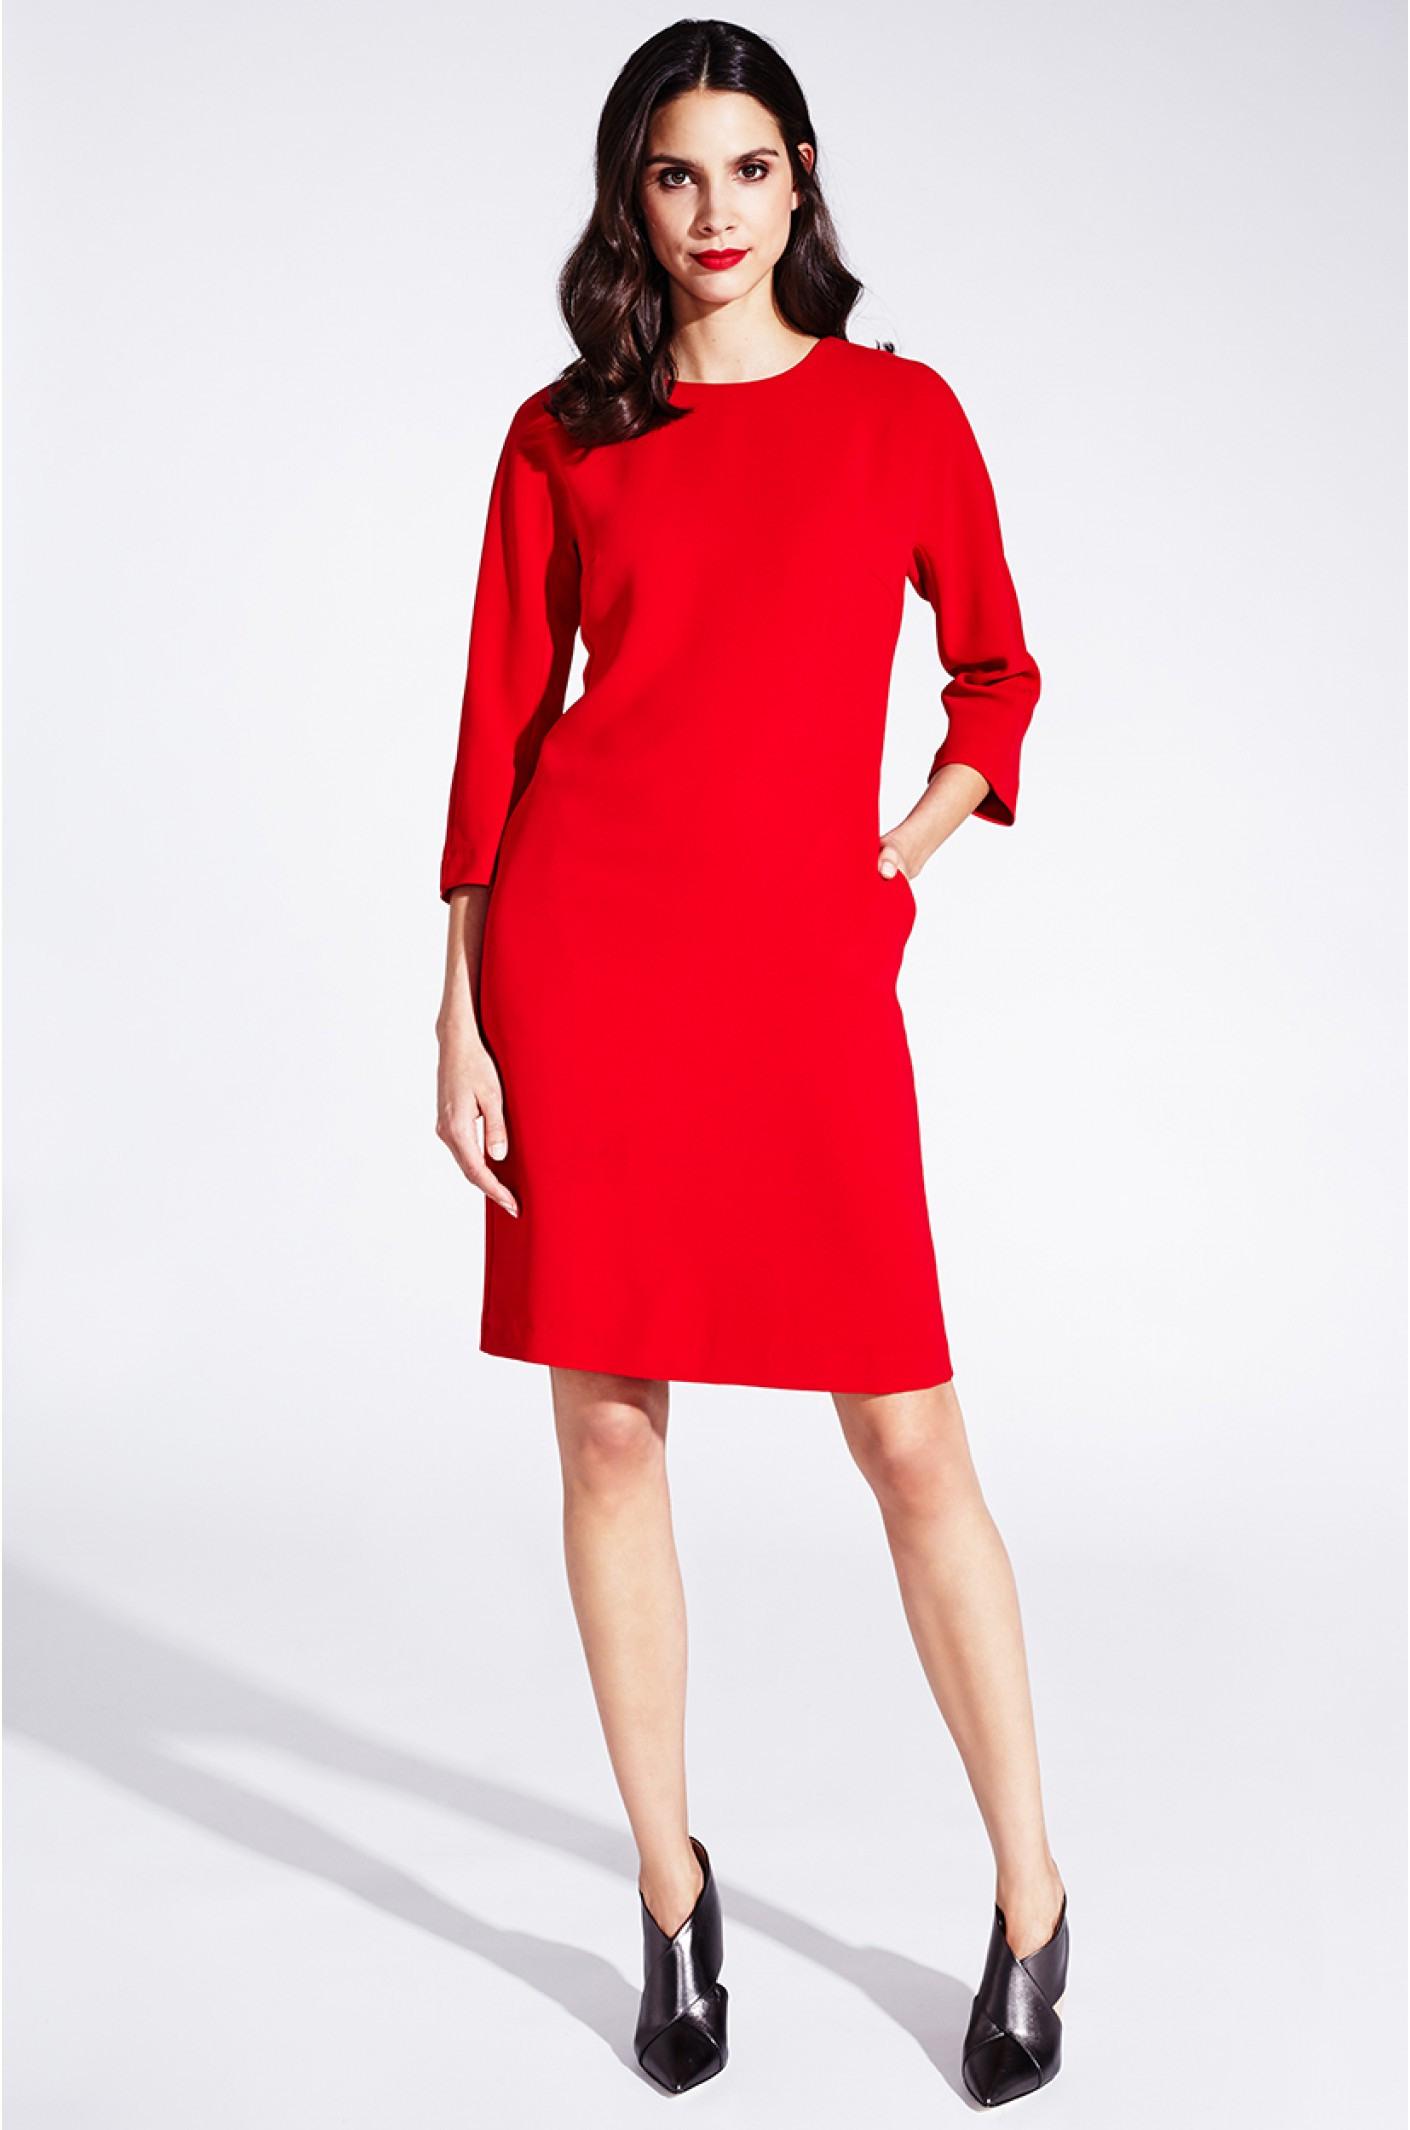 Formal Genial Kleid Rot GalerieDesigner Wunderbar Kleid Rot Boutique